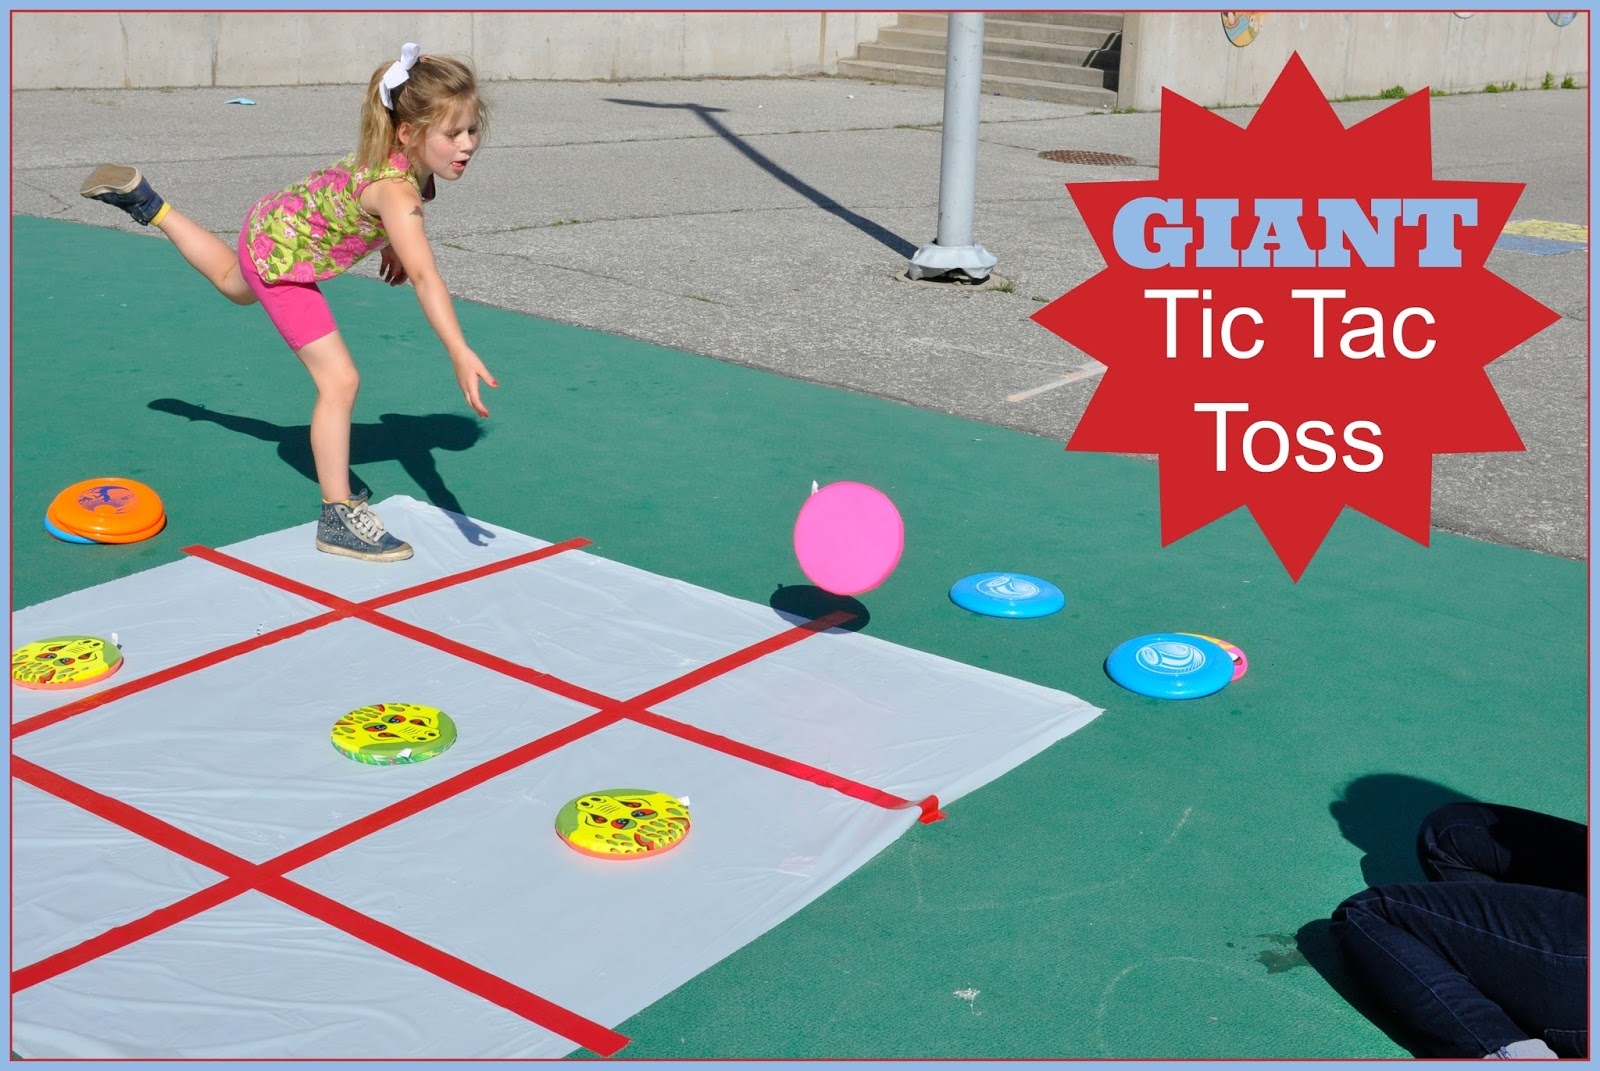 Shop Cardinal Toss Across The Original Tic-Tac-Toe Game ...  |Tic Tac Toe Toss